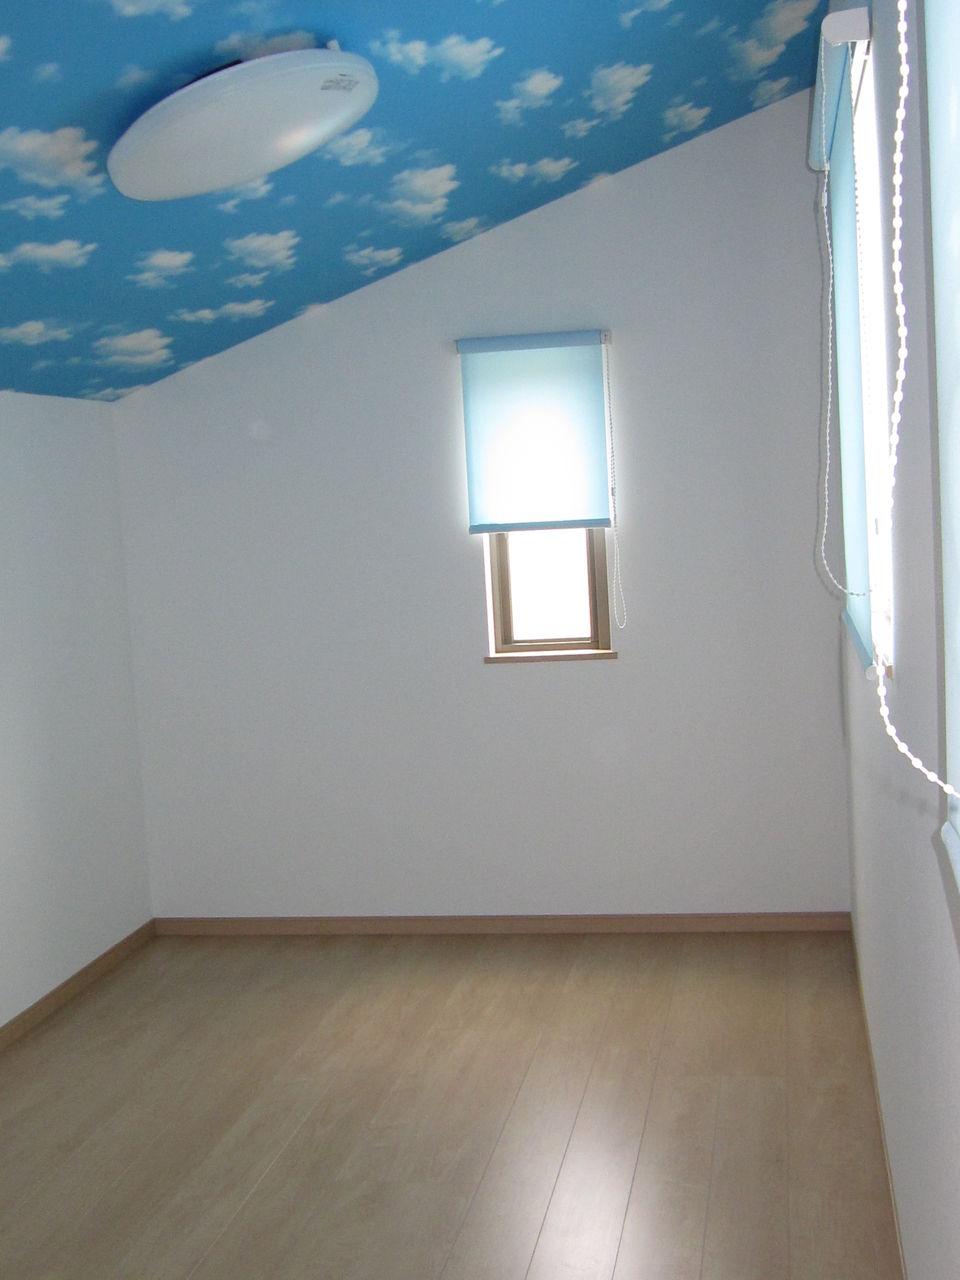 たのしい子供部屋 壁紙とコーディネイト インテリア館セレス のブログ